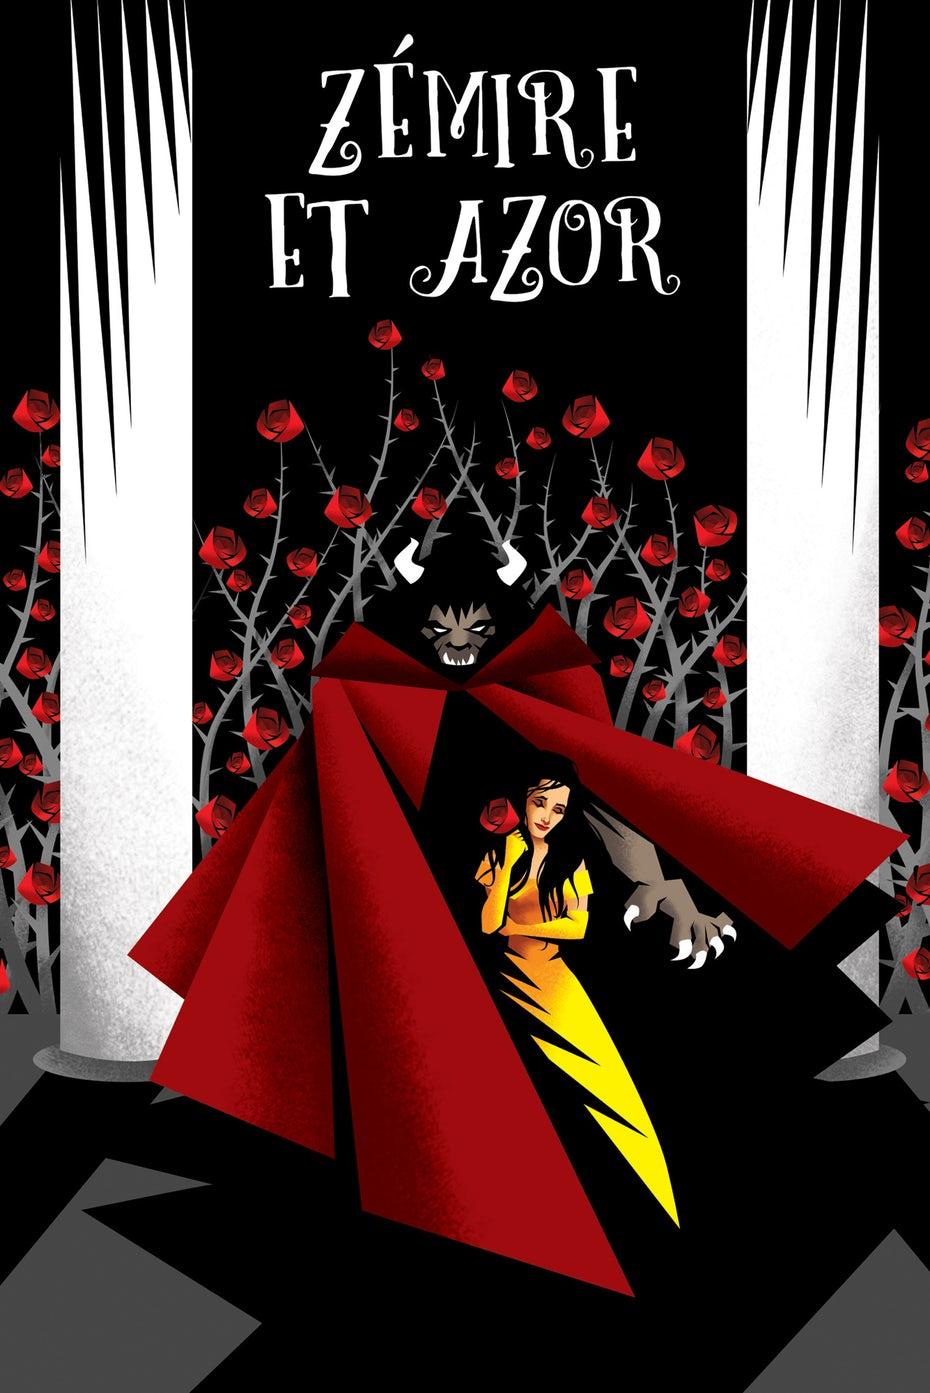 Плакат-экспрессионист для Opera